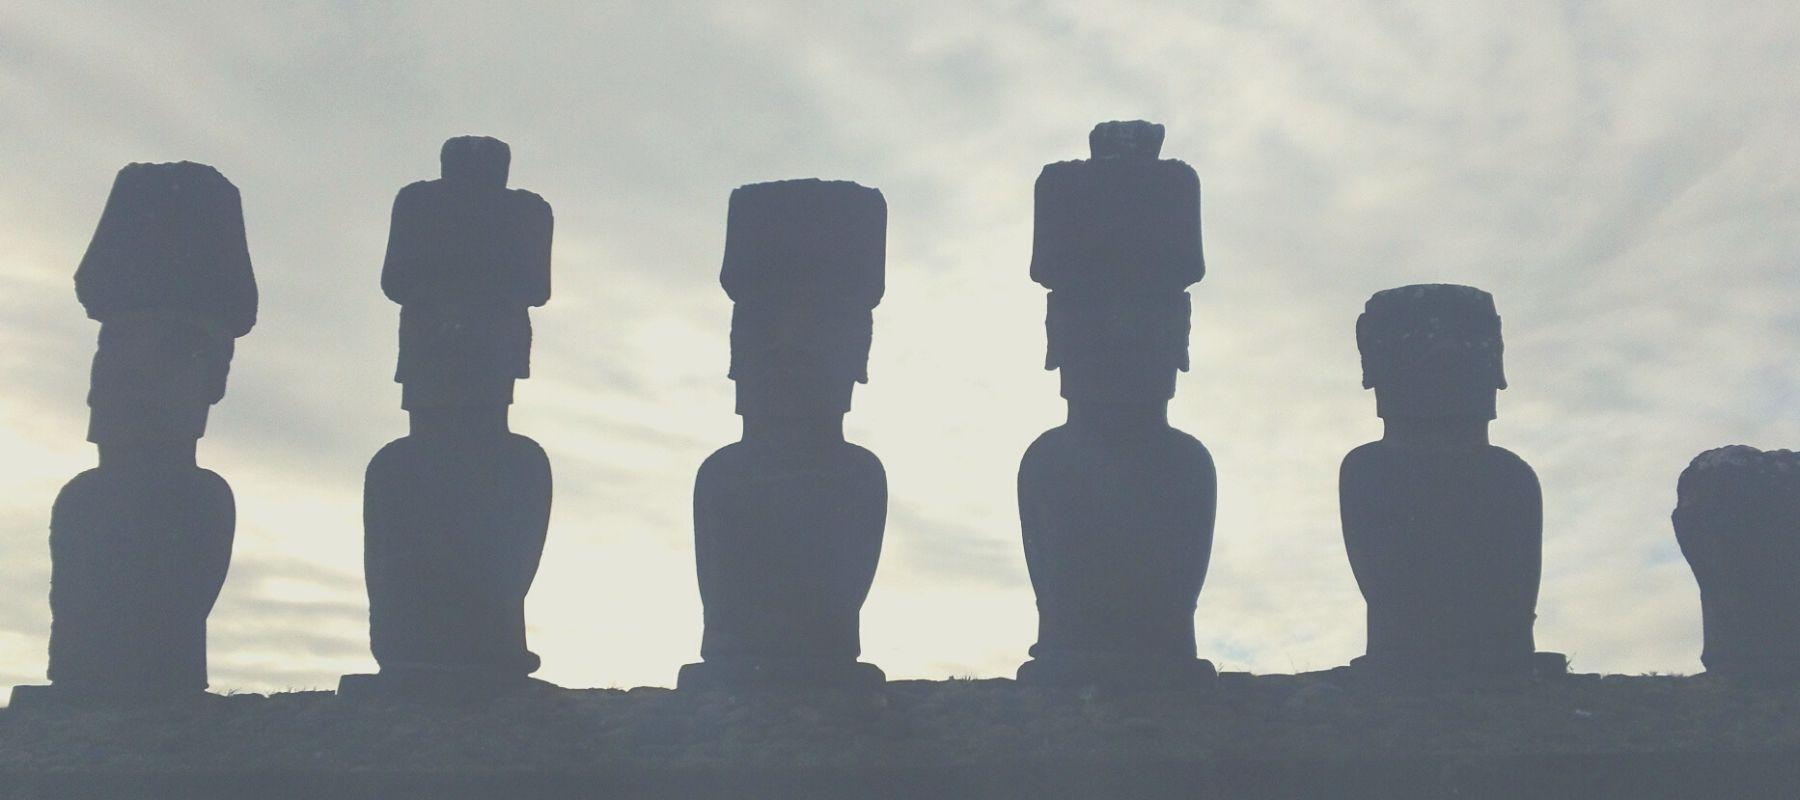 L'architecture rituelle des statues géantes sur l'île de Pâques, moai et ahu